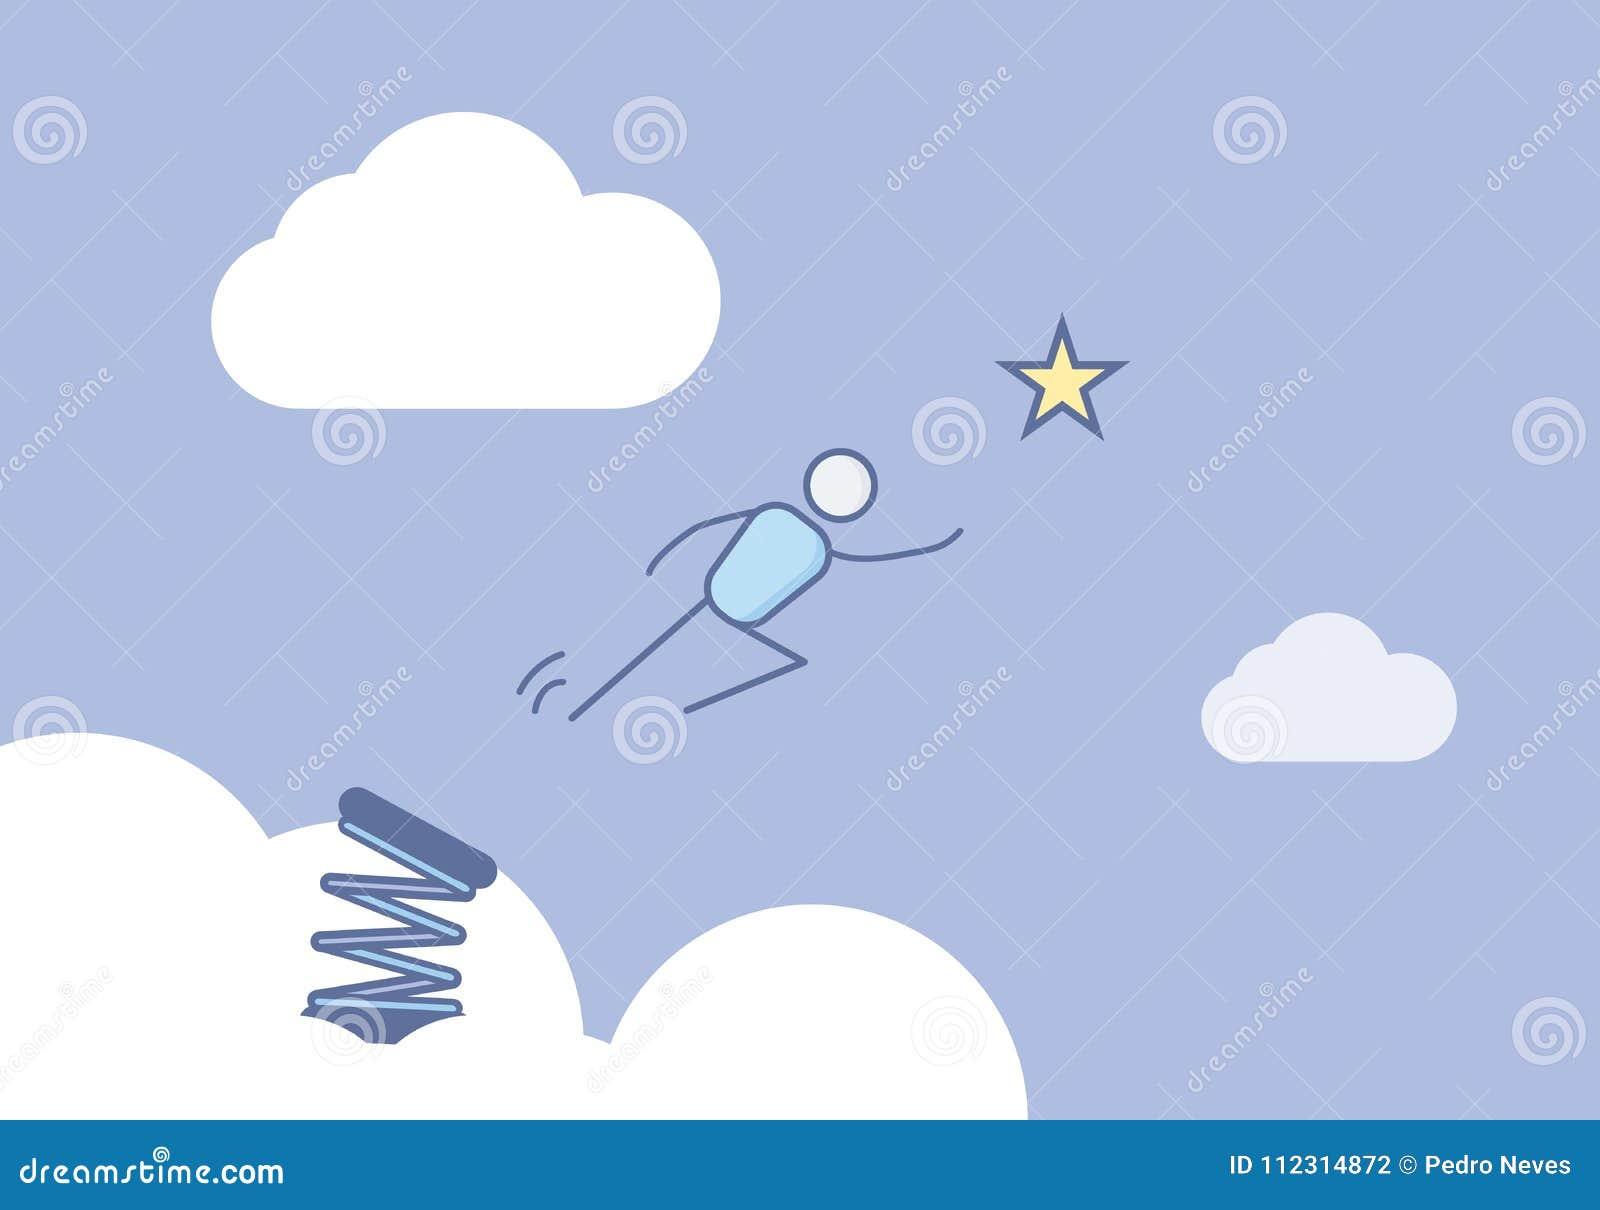 Вставьте диаграмму скача в небо готовое для достижения звезды Иллюстрация вектора для различных концепций